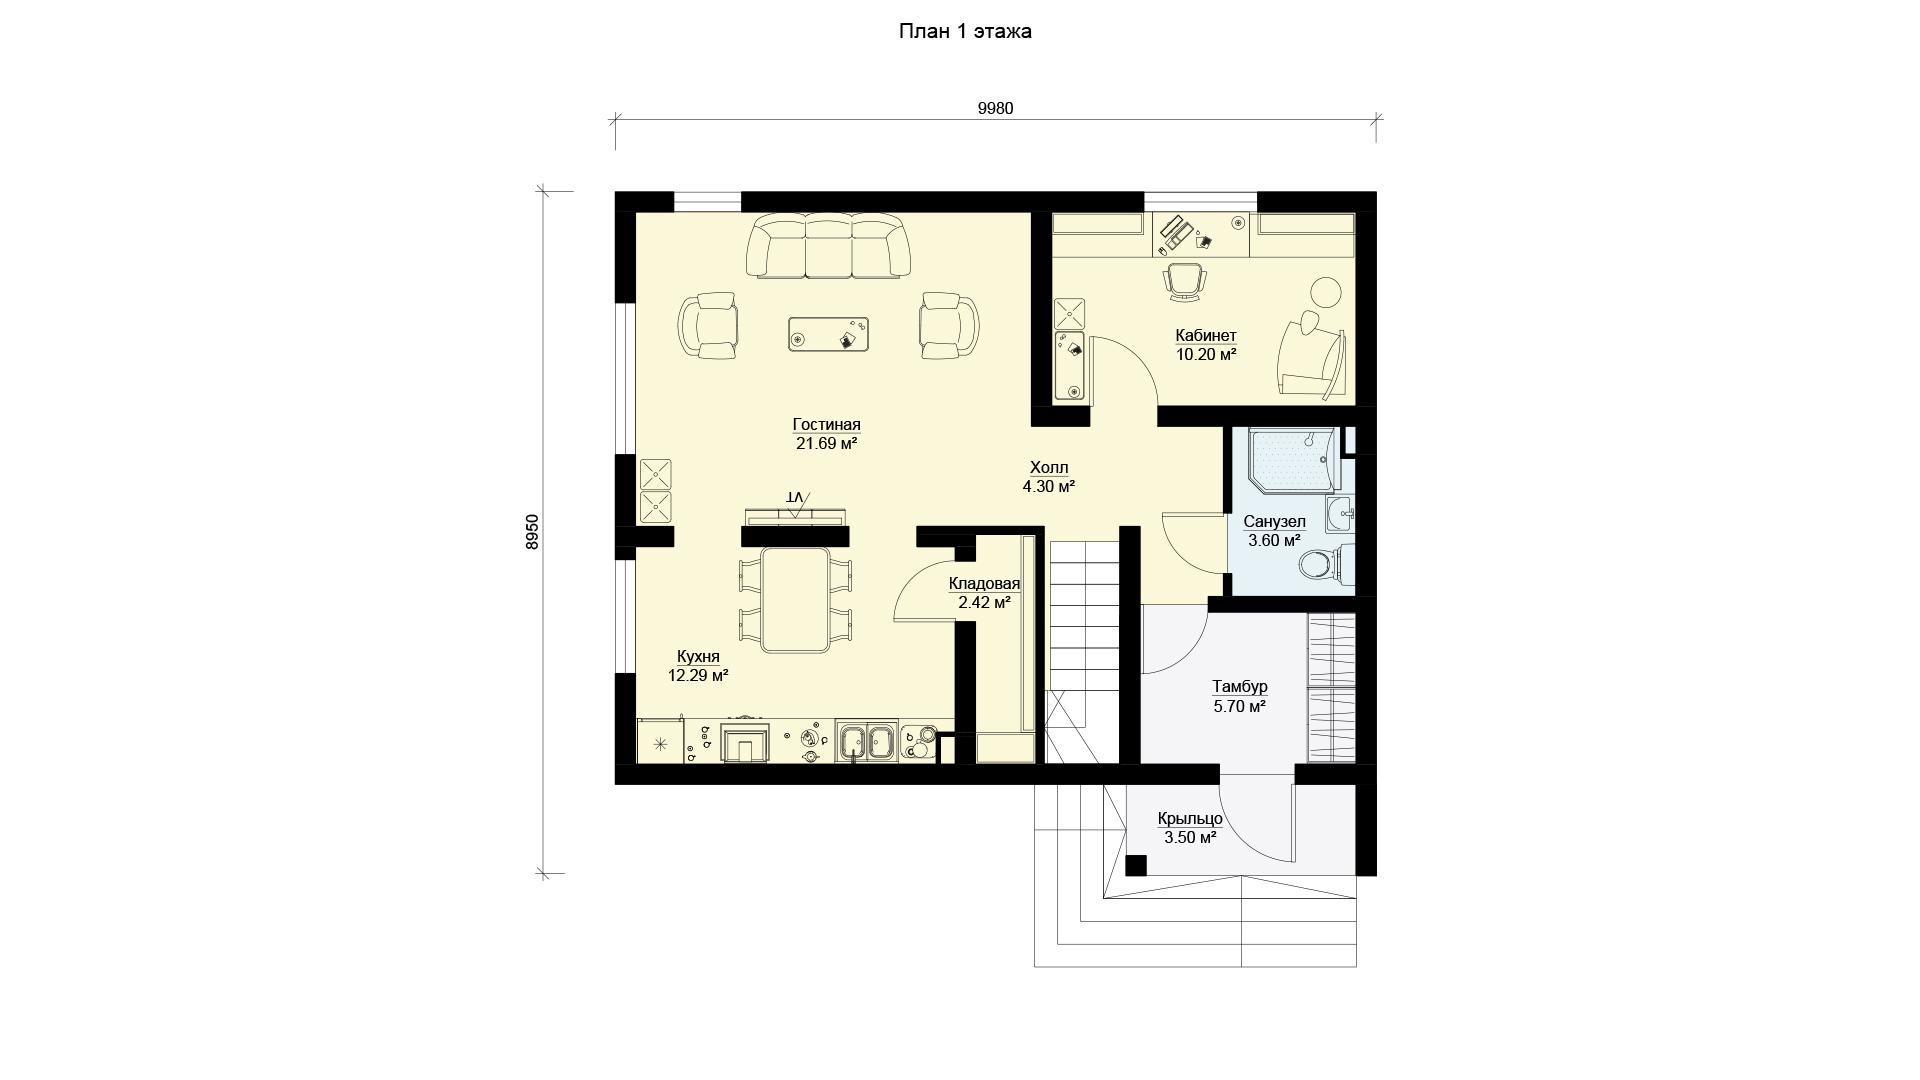 План первого этажа двухэтажного загородного дома БЭНПАН, проект МС-155.